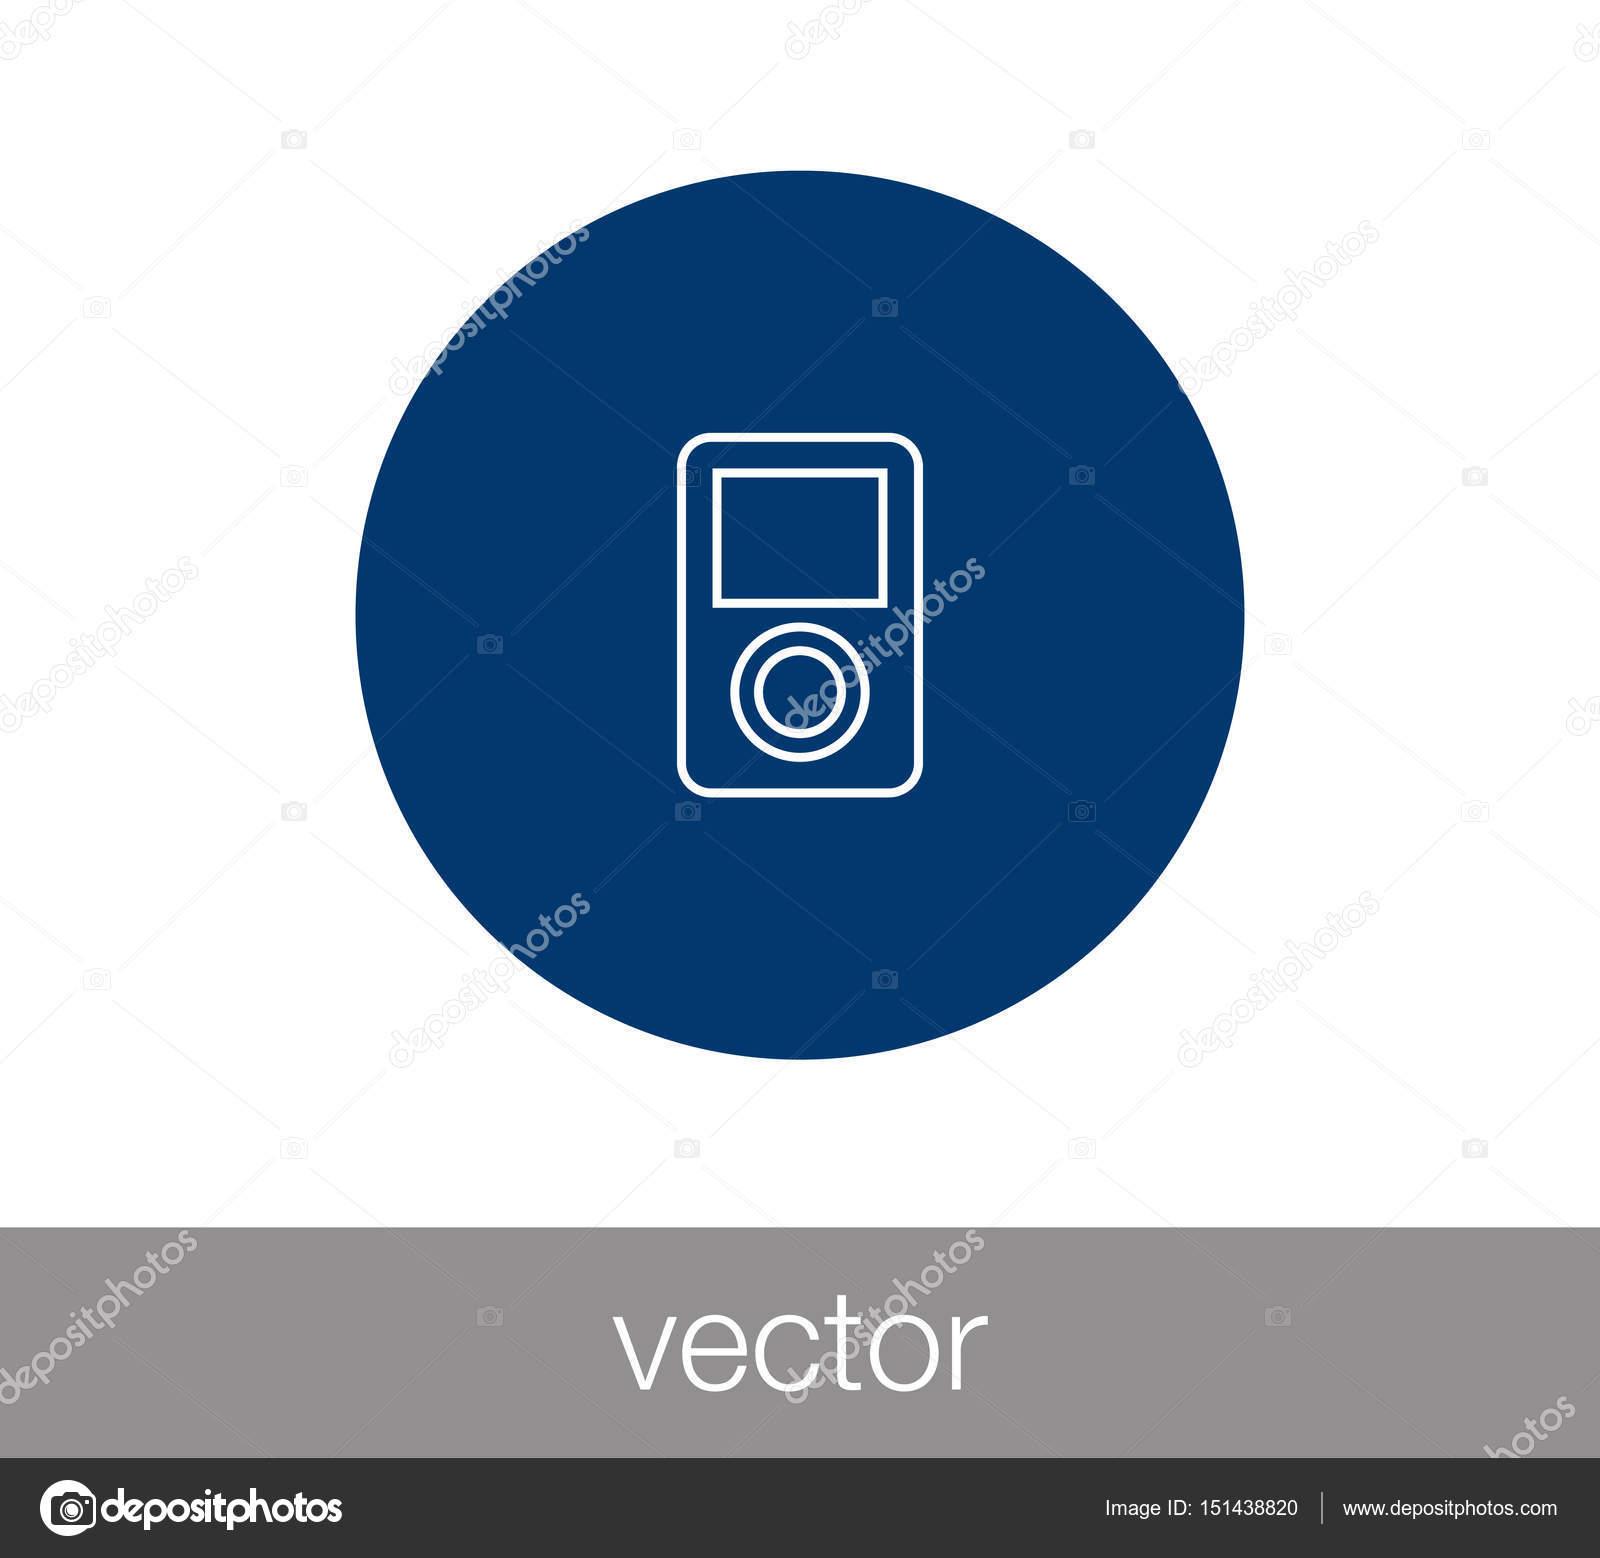 矢量图的 mp 3 播放器的图标— vector by signsandsymbols@email.com